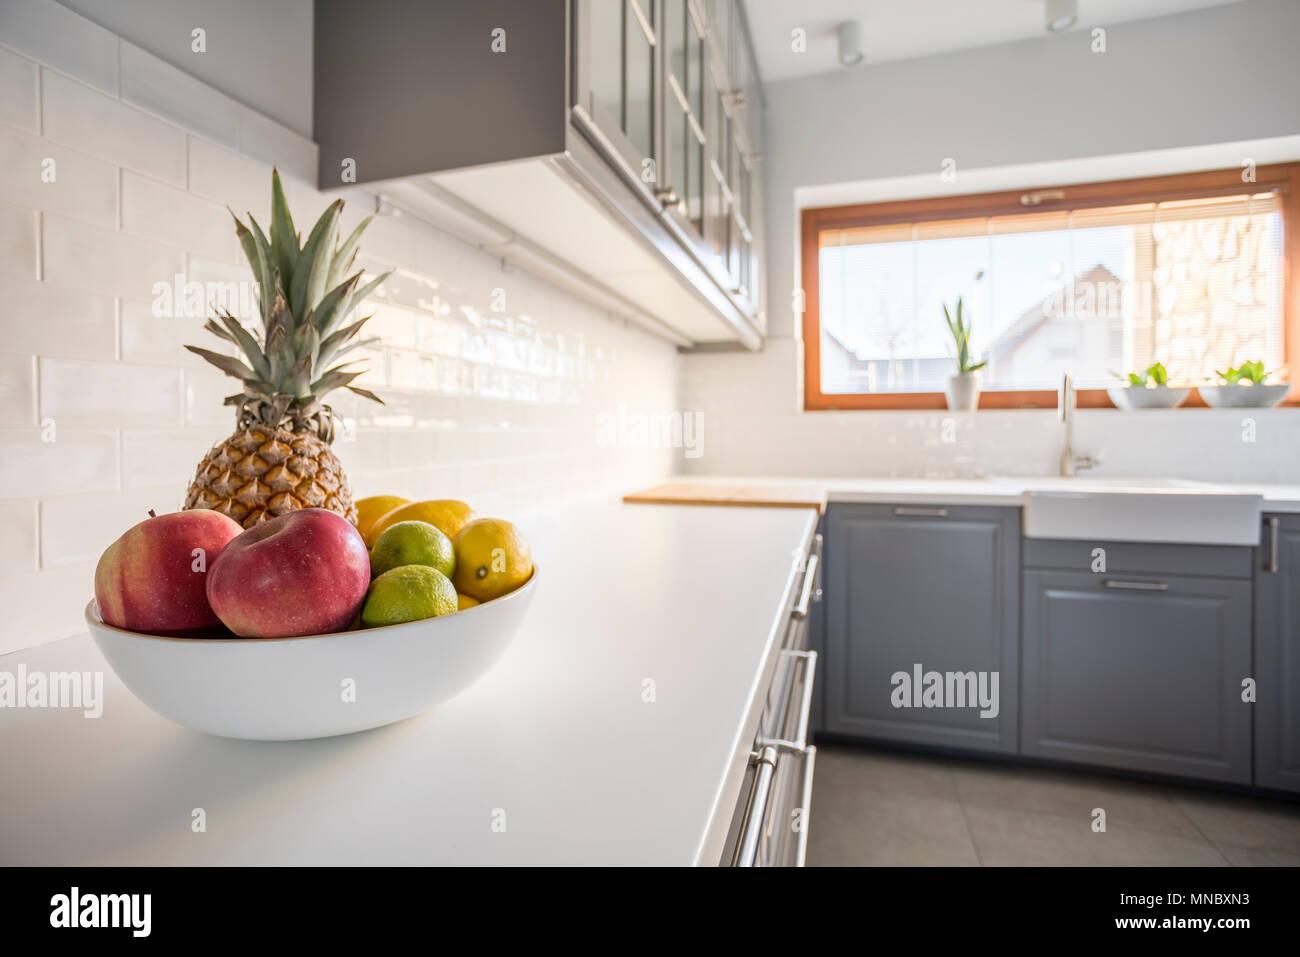 Cucina con arredamento grigio finestra mattoni e piastrelle